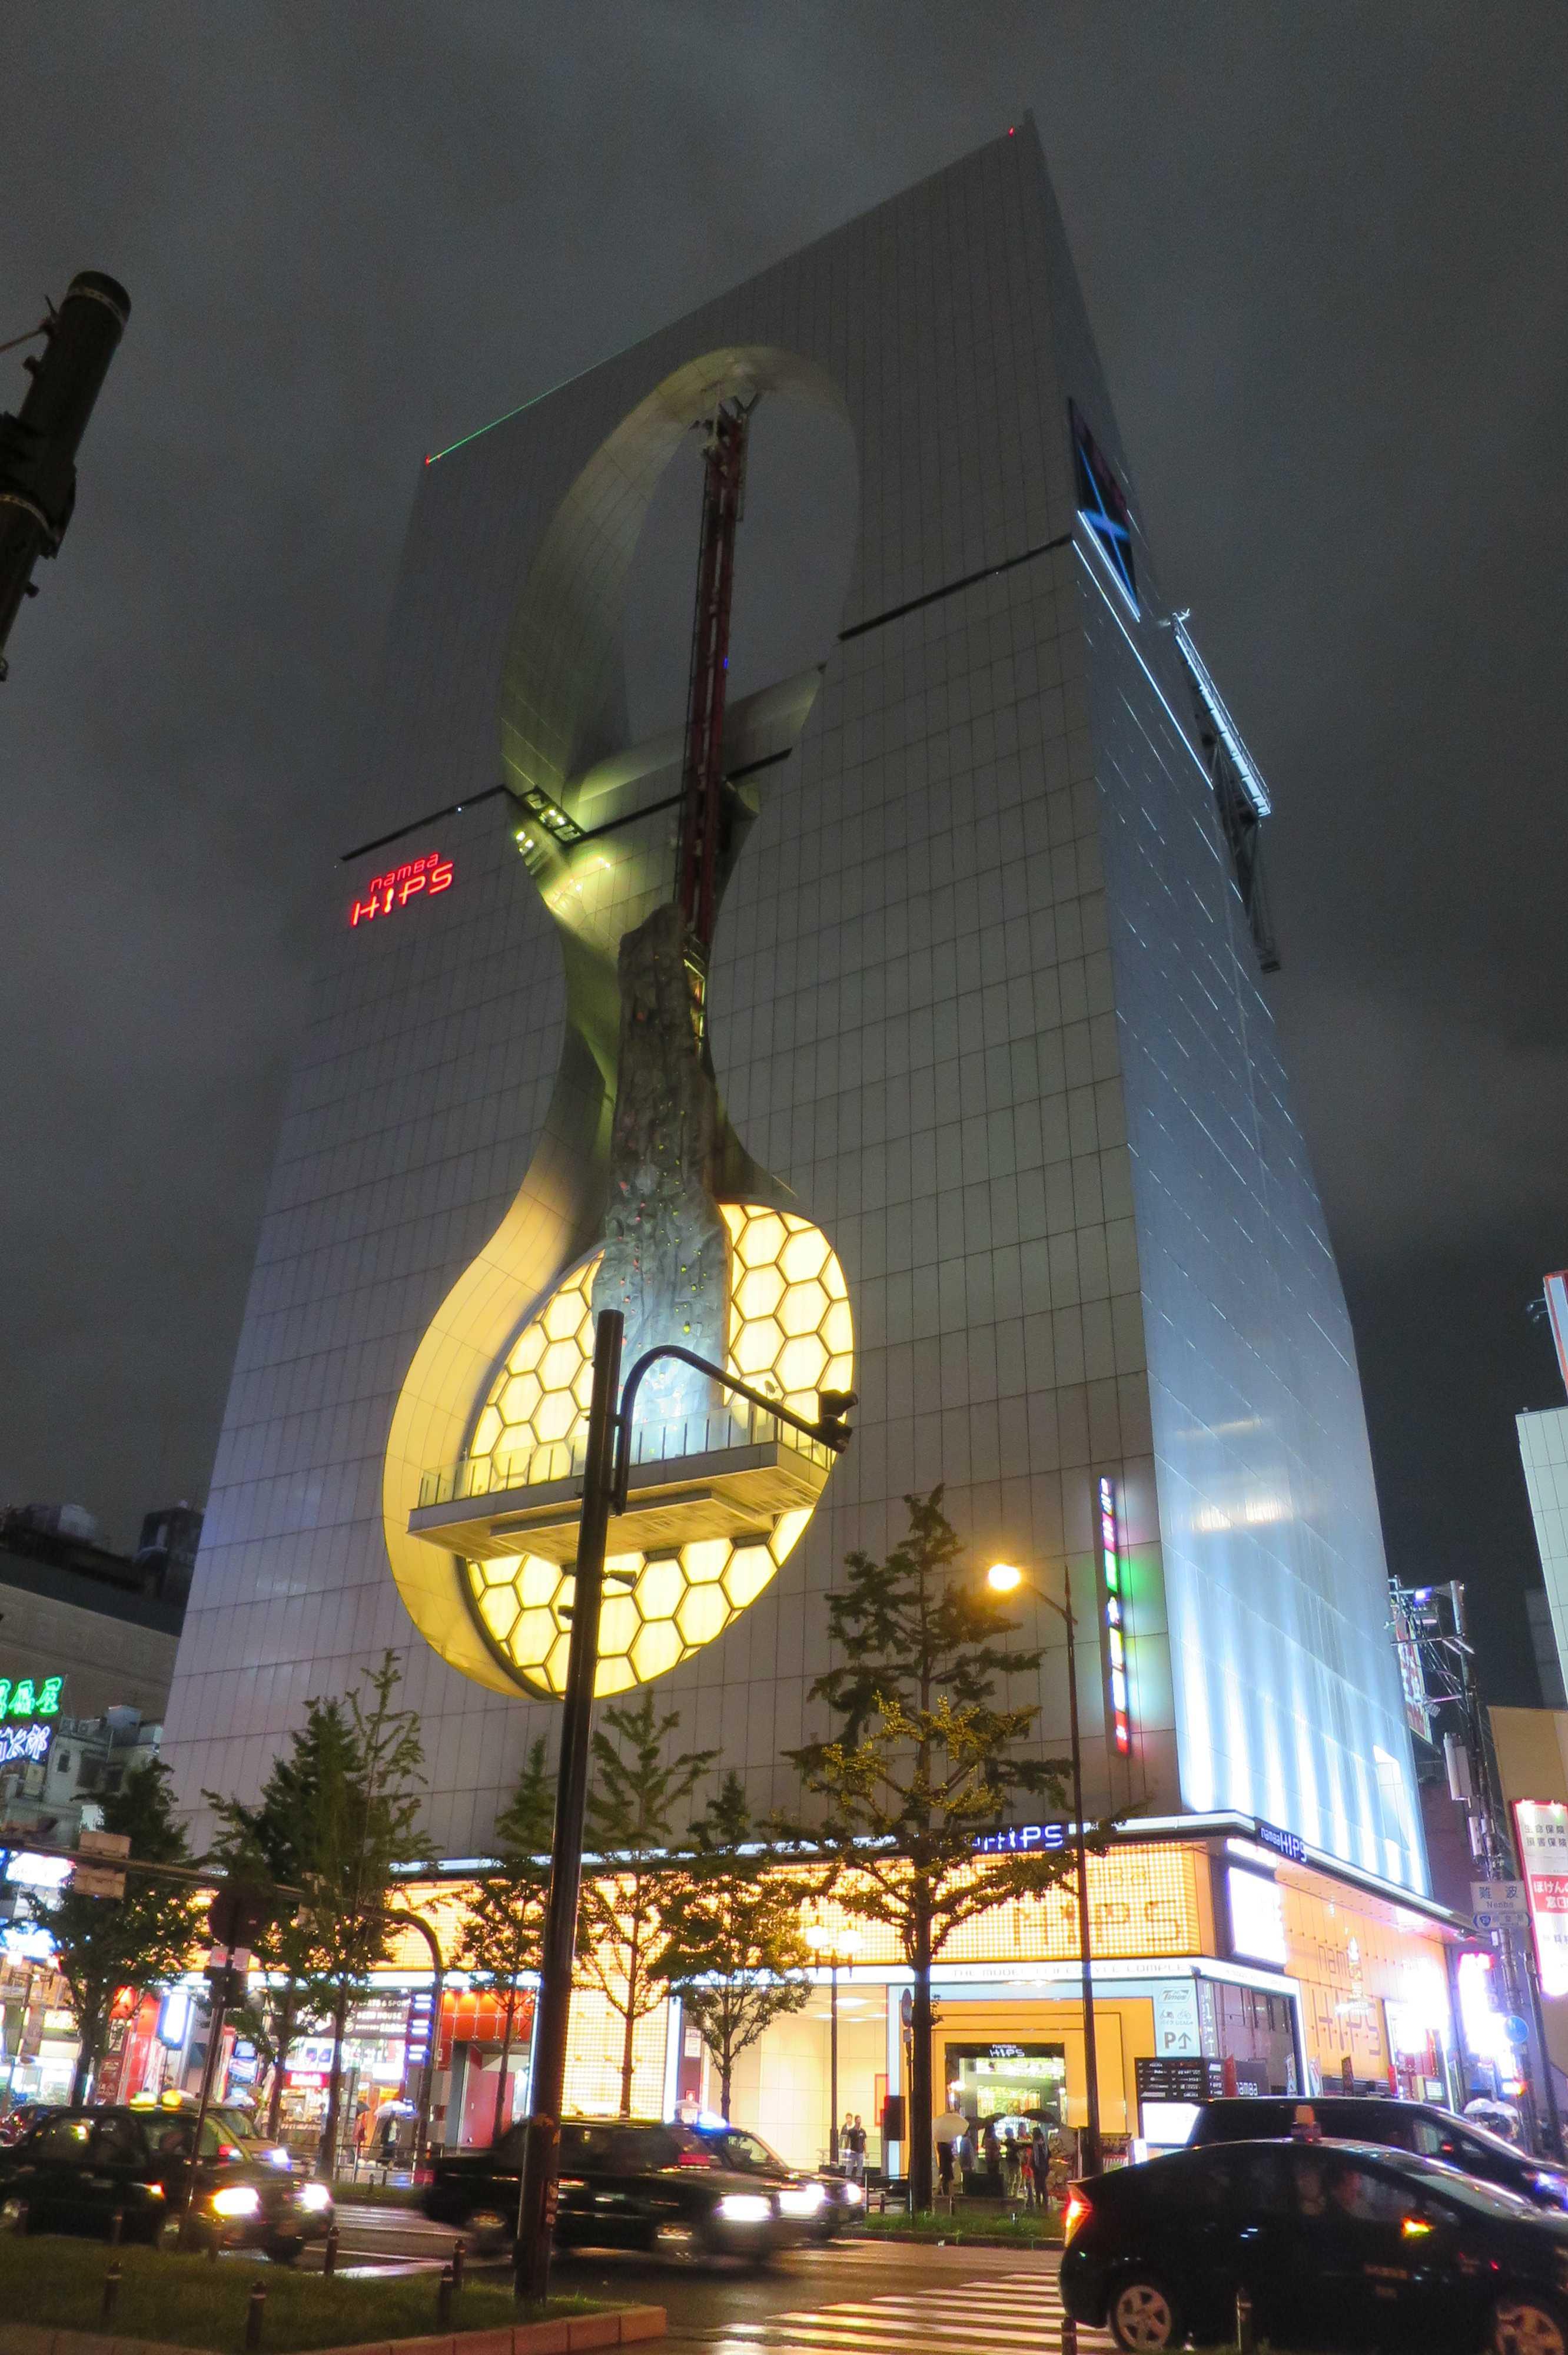 大阪・道頓堀 - namBa HIPS/なんばヒップス